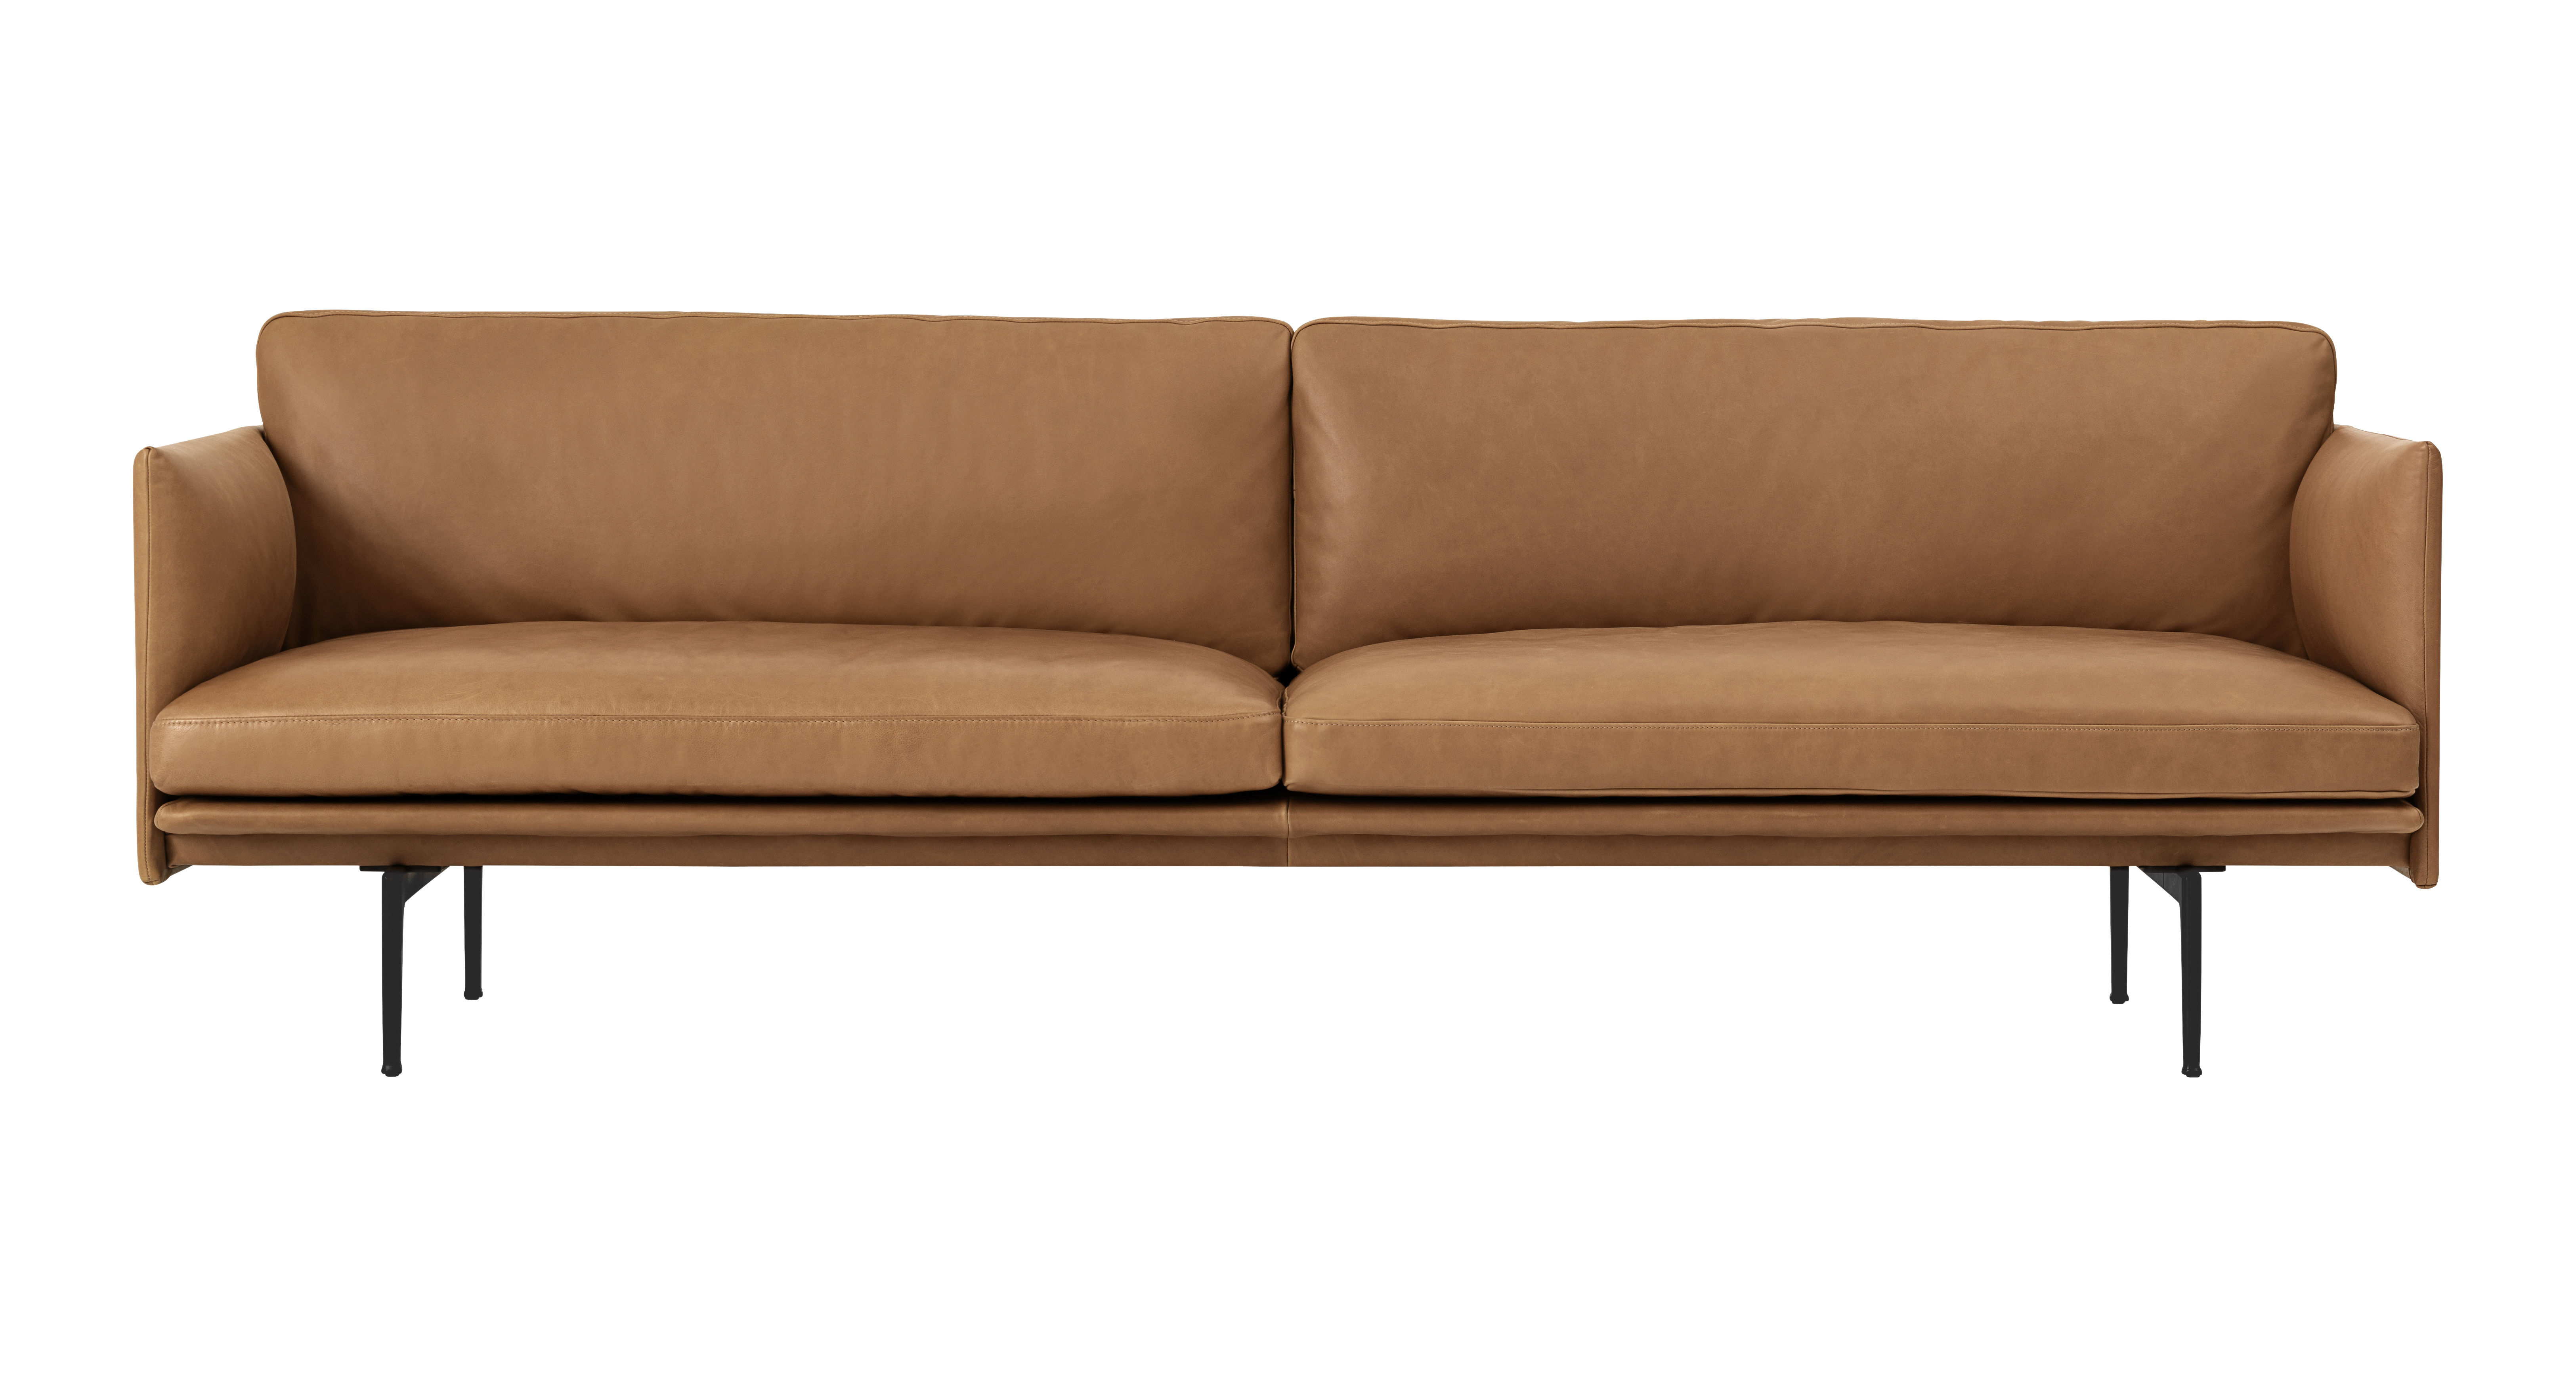 Mobilier - Canapés - Canapé droit Outline / 3 places - L 220 cm - Cuir - Muuto - Cuir Cognac / Pieds noirs -  Plumes, Aluminium laqué, Cuir pleine fleur, Mousse haute densité